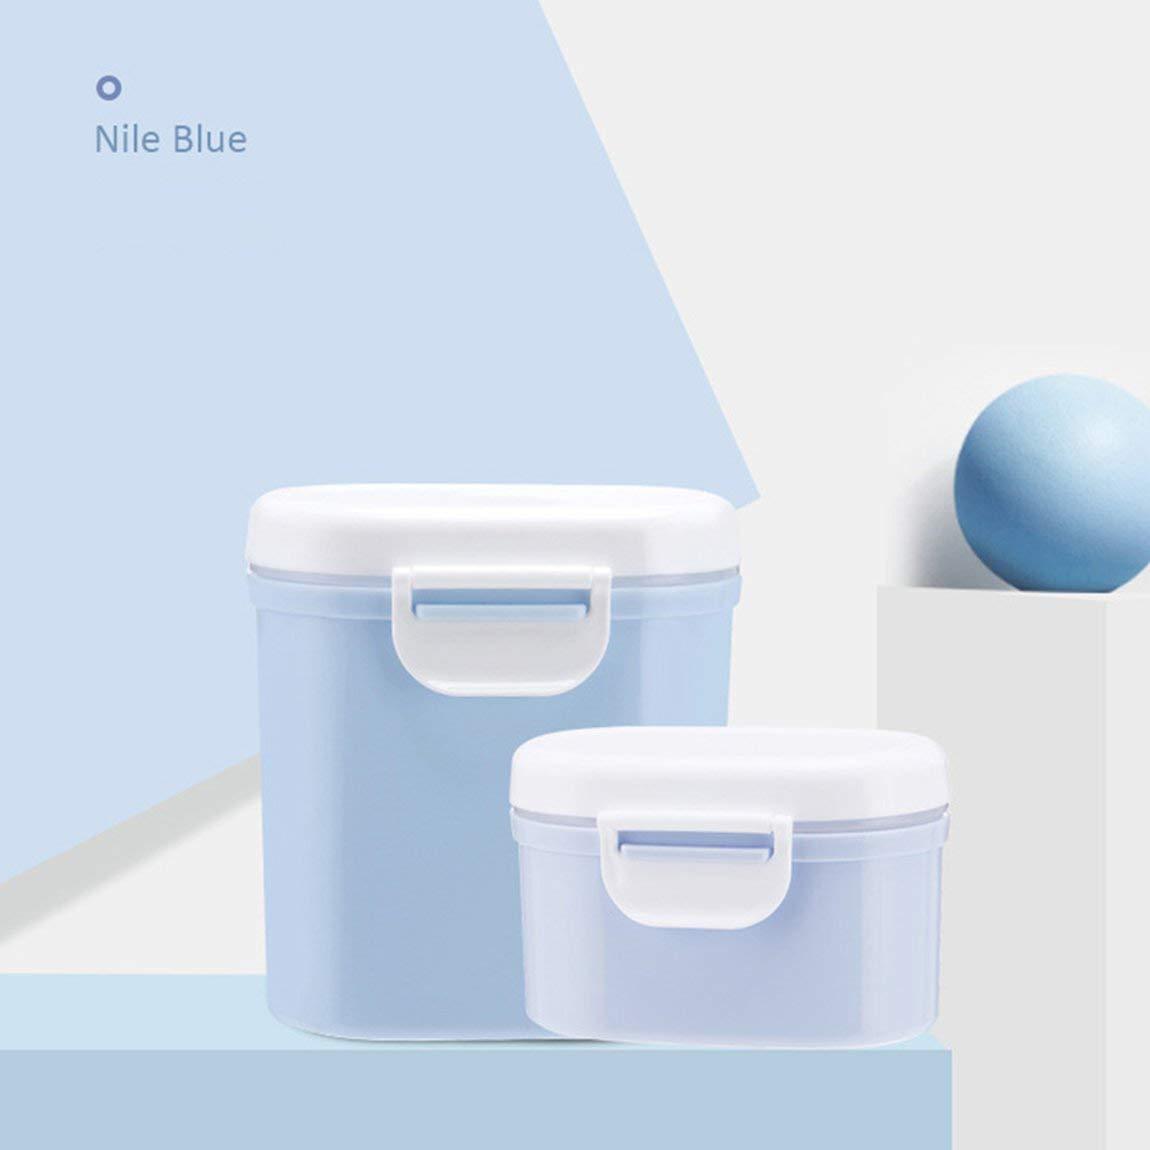 Gr/ö/ße: L Tragbare Outdoor-Gro/ßraum-Baby-Kleinkind-Milchpulver versiegelt Aufbewahrungsbox Tank Organizer Container erhalten Box Farbe: Blau